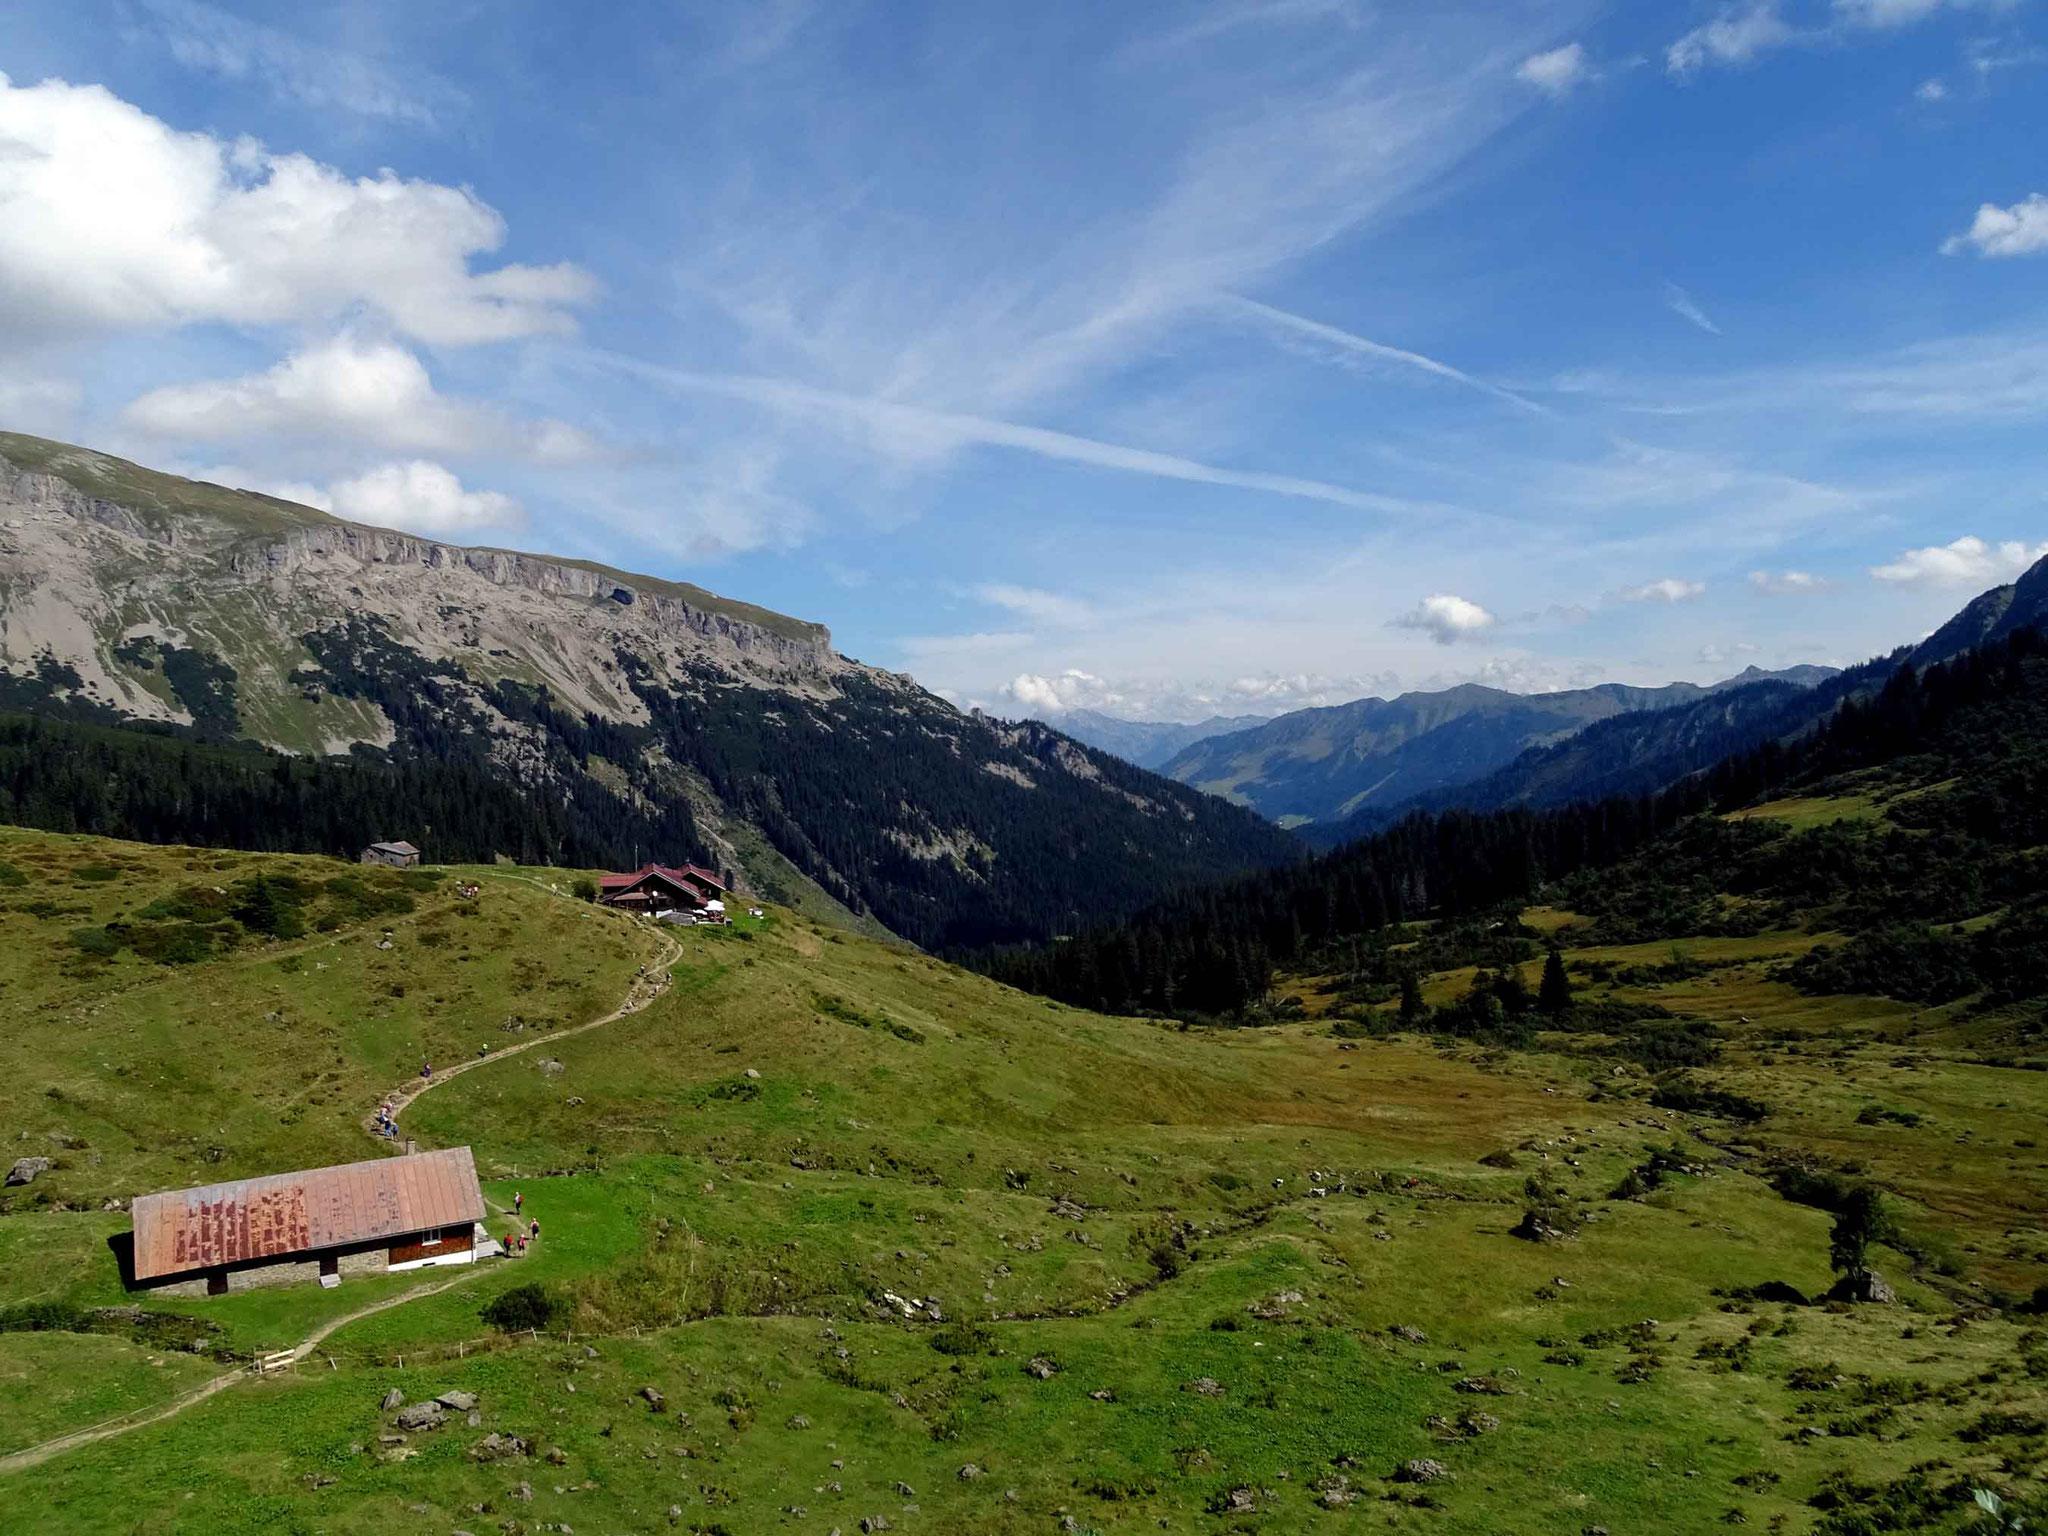 Ferienhaus in Baad im Kleinwalsertal, Mittelberg, Ferienwohnung für 2 bis 6 Personen, Heidi im Tal, Ifen